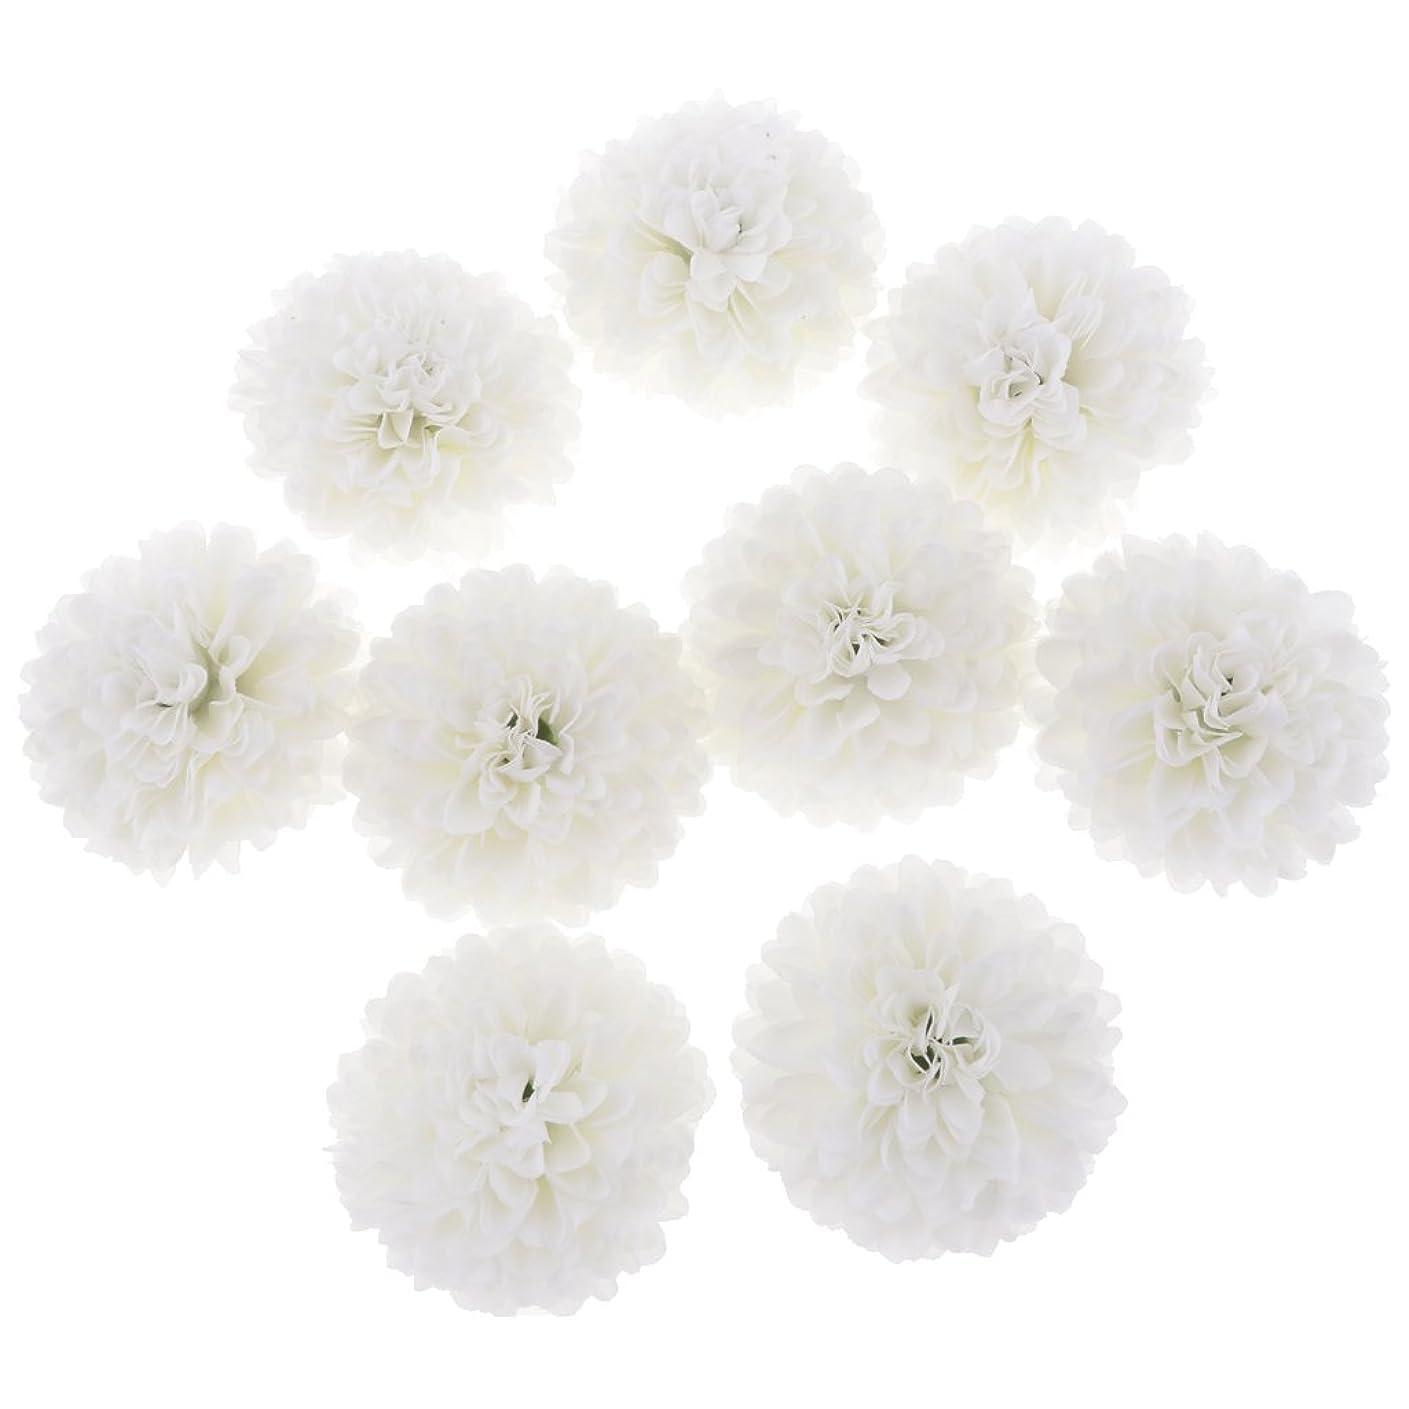 人口マングル有名人10個 人工シルク 造花 フラワーヘッド 菊の頭